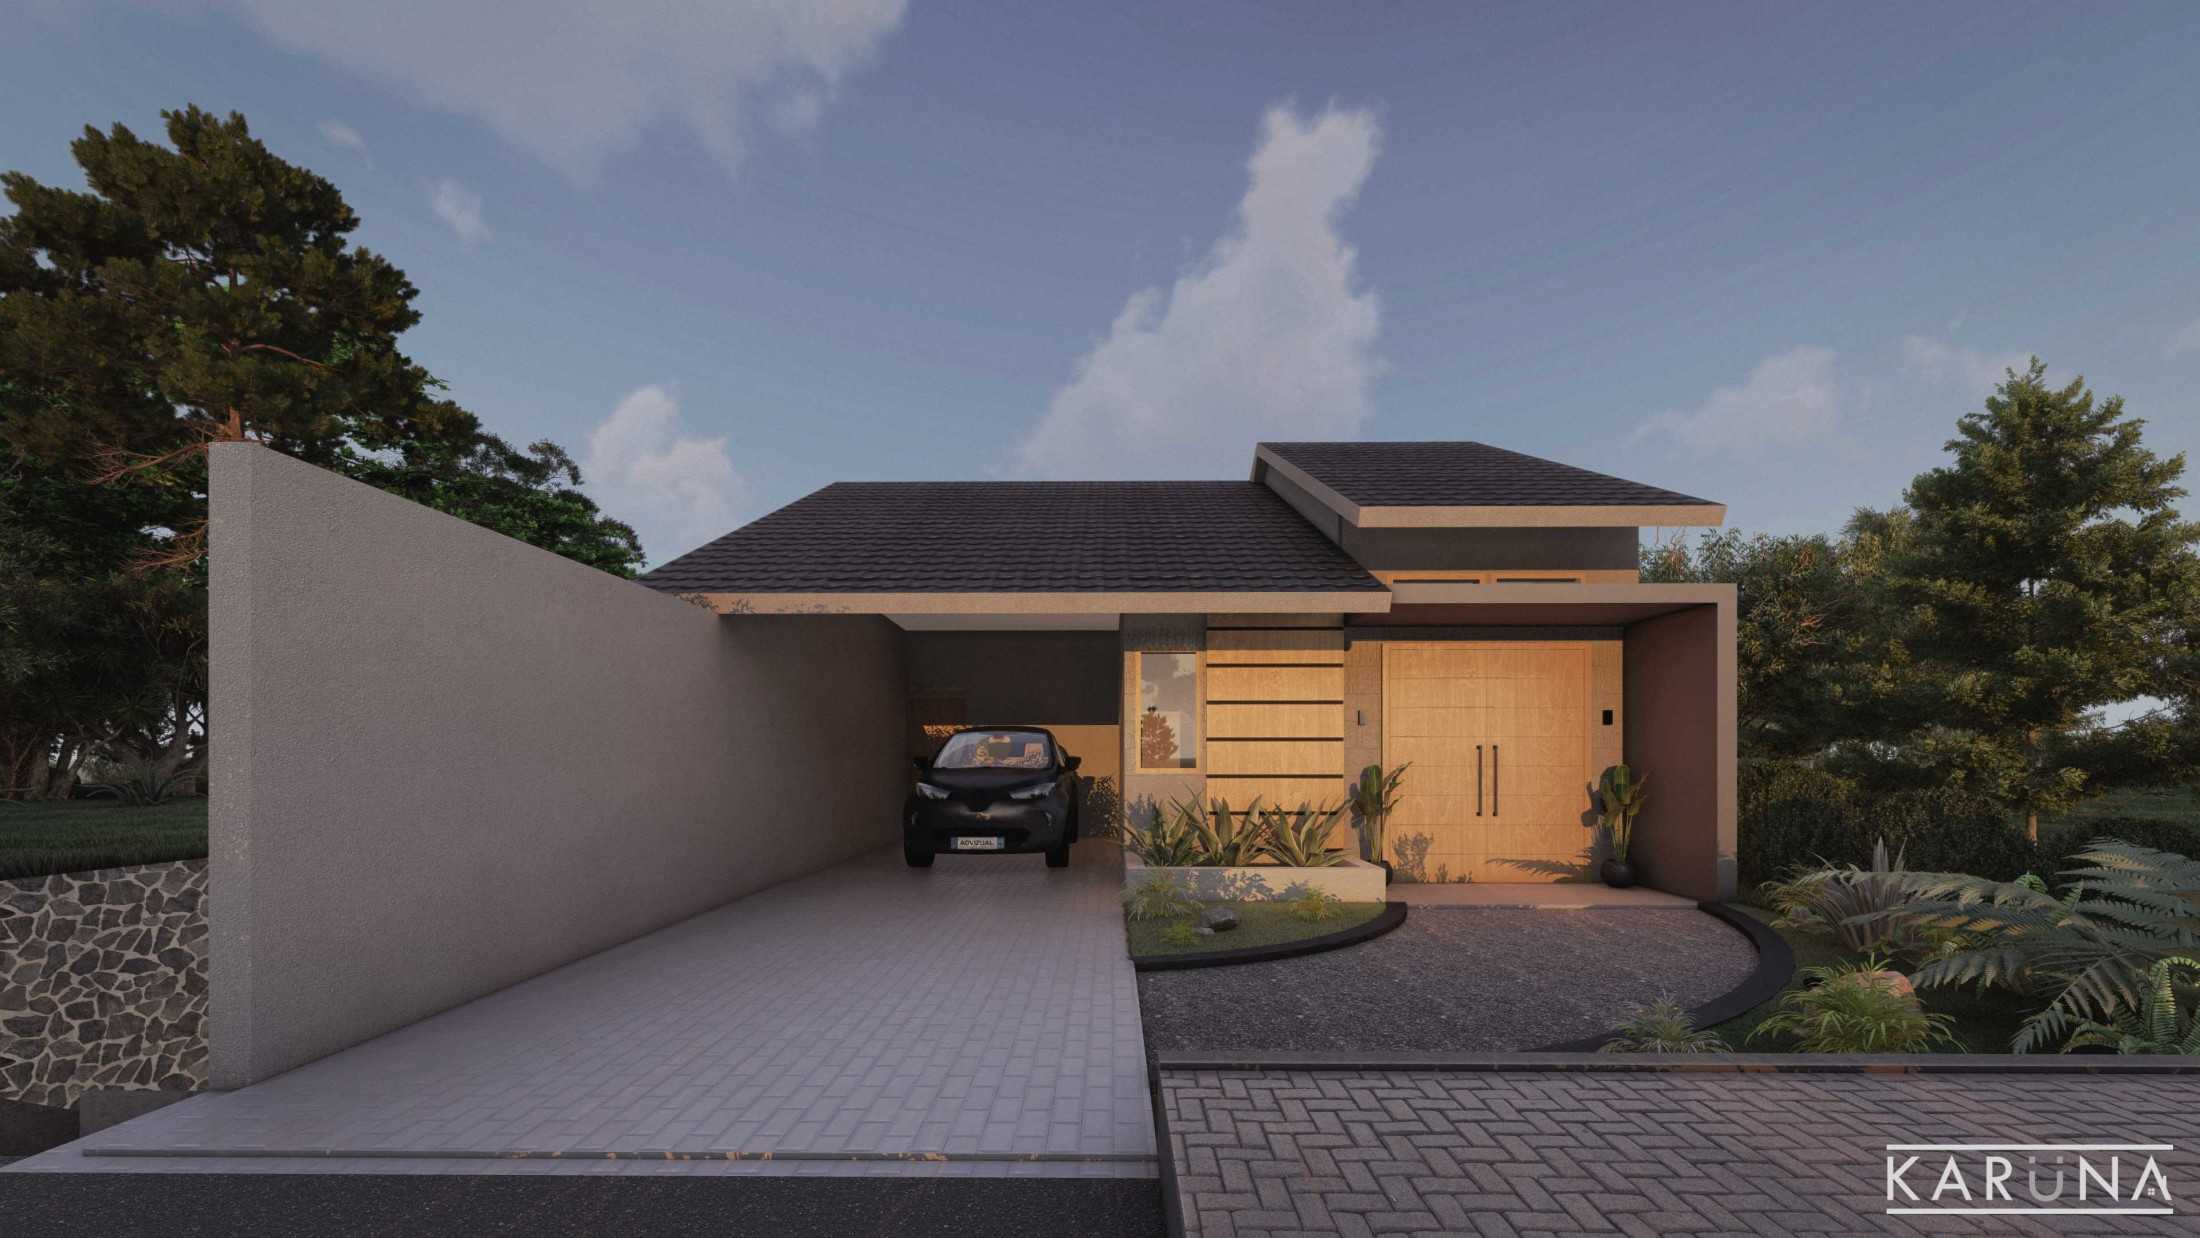 Jasa Design and Build Karuna Studio di Bandar Lampung